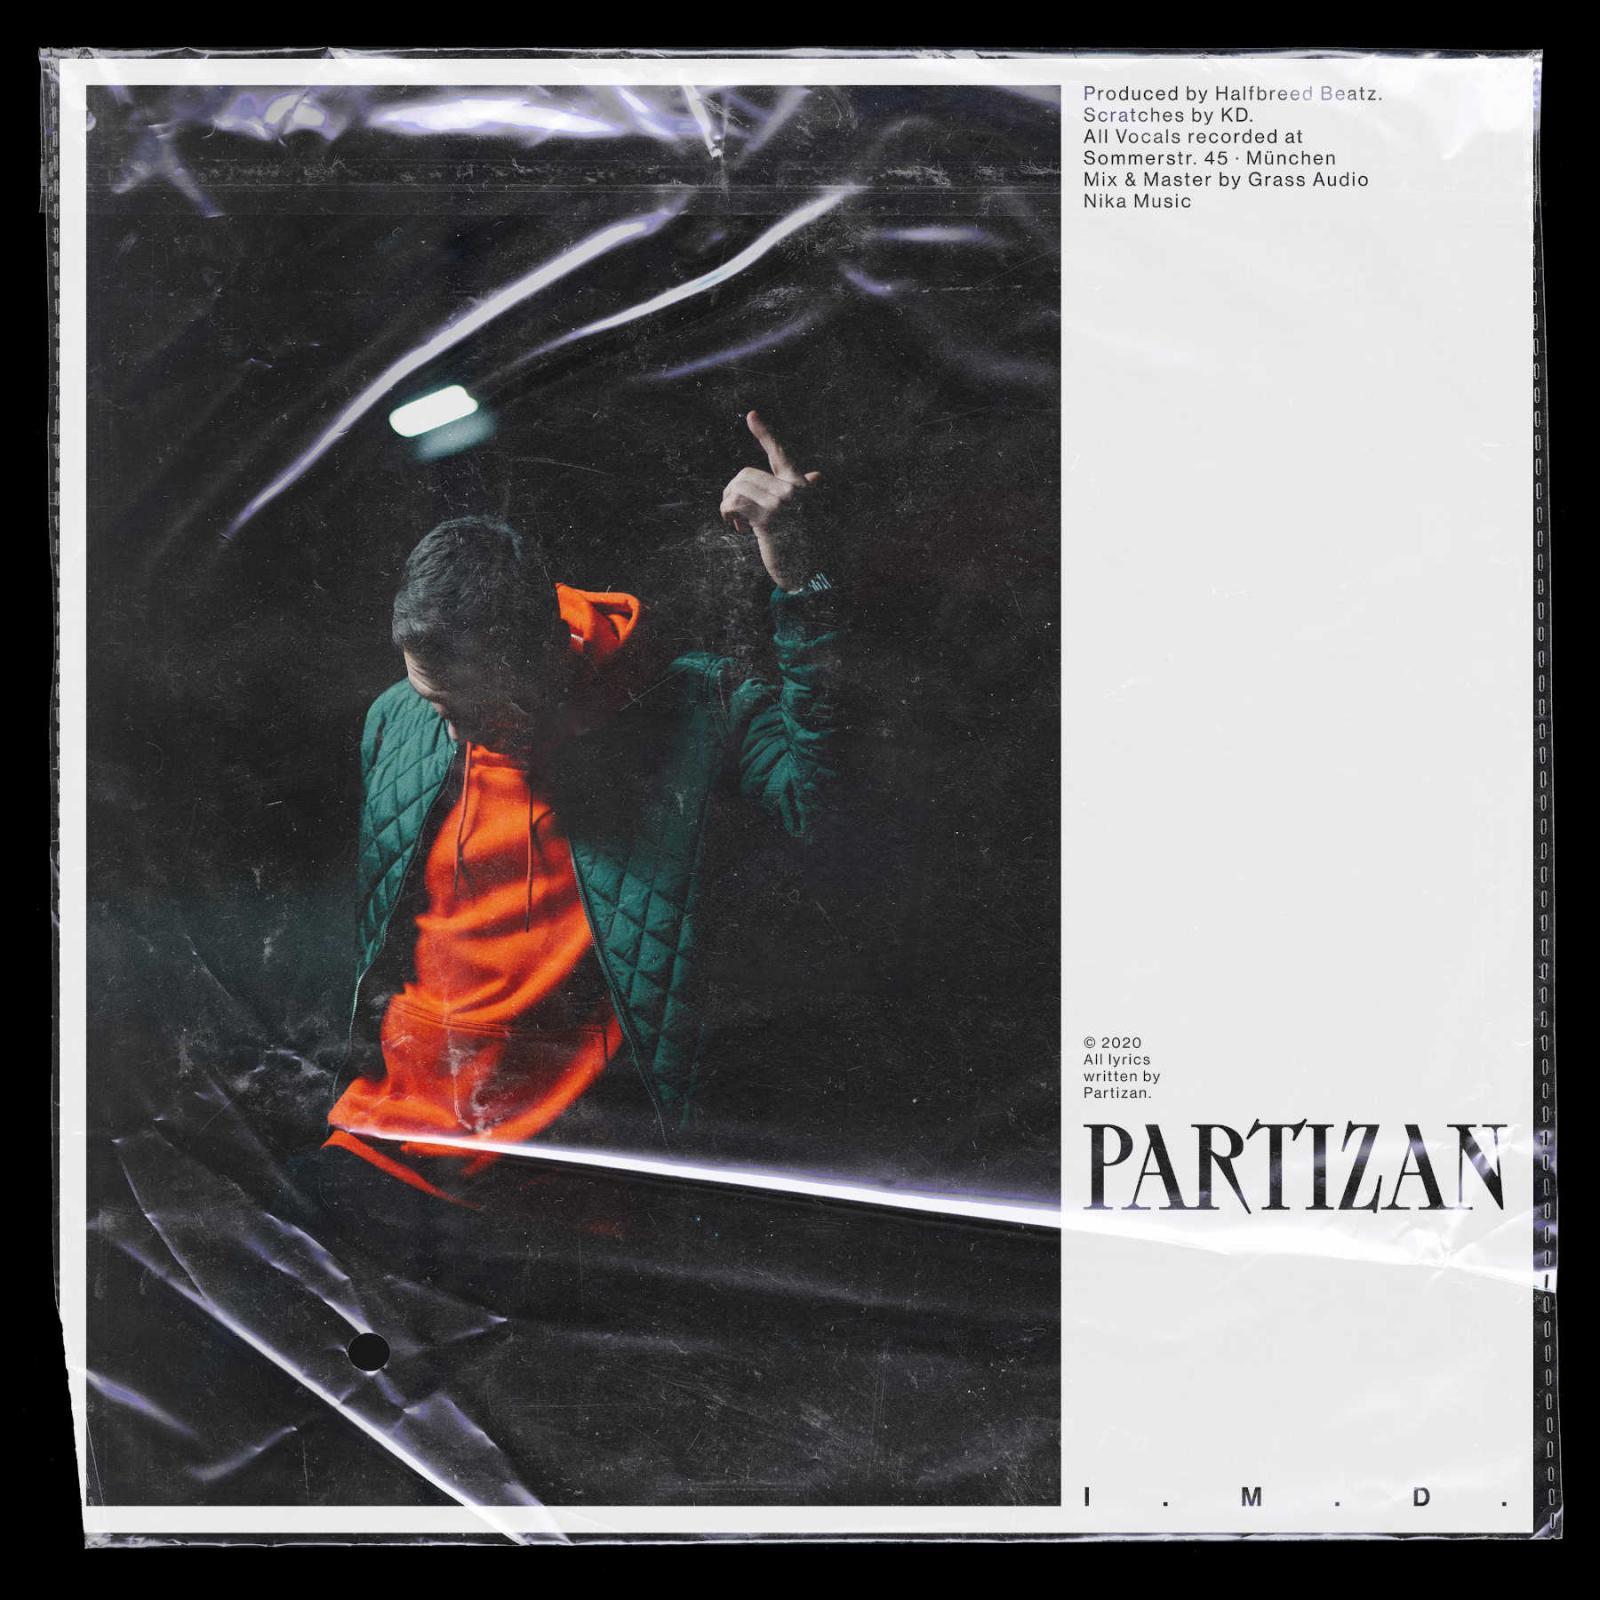 Upcoming: Partizan - I M D Feat. KD